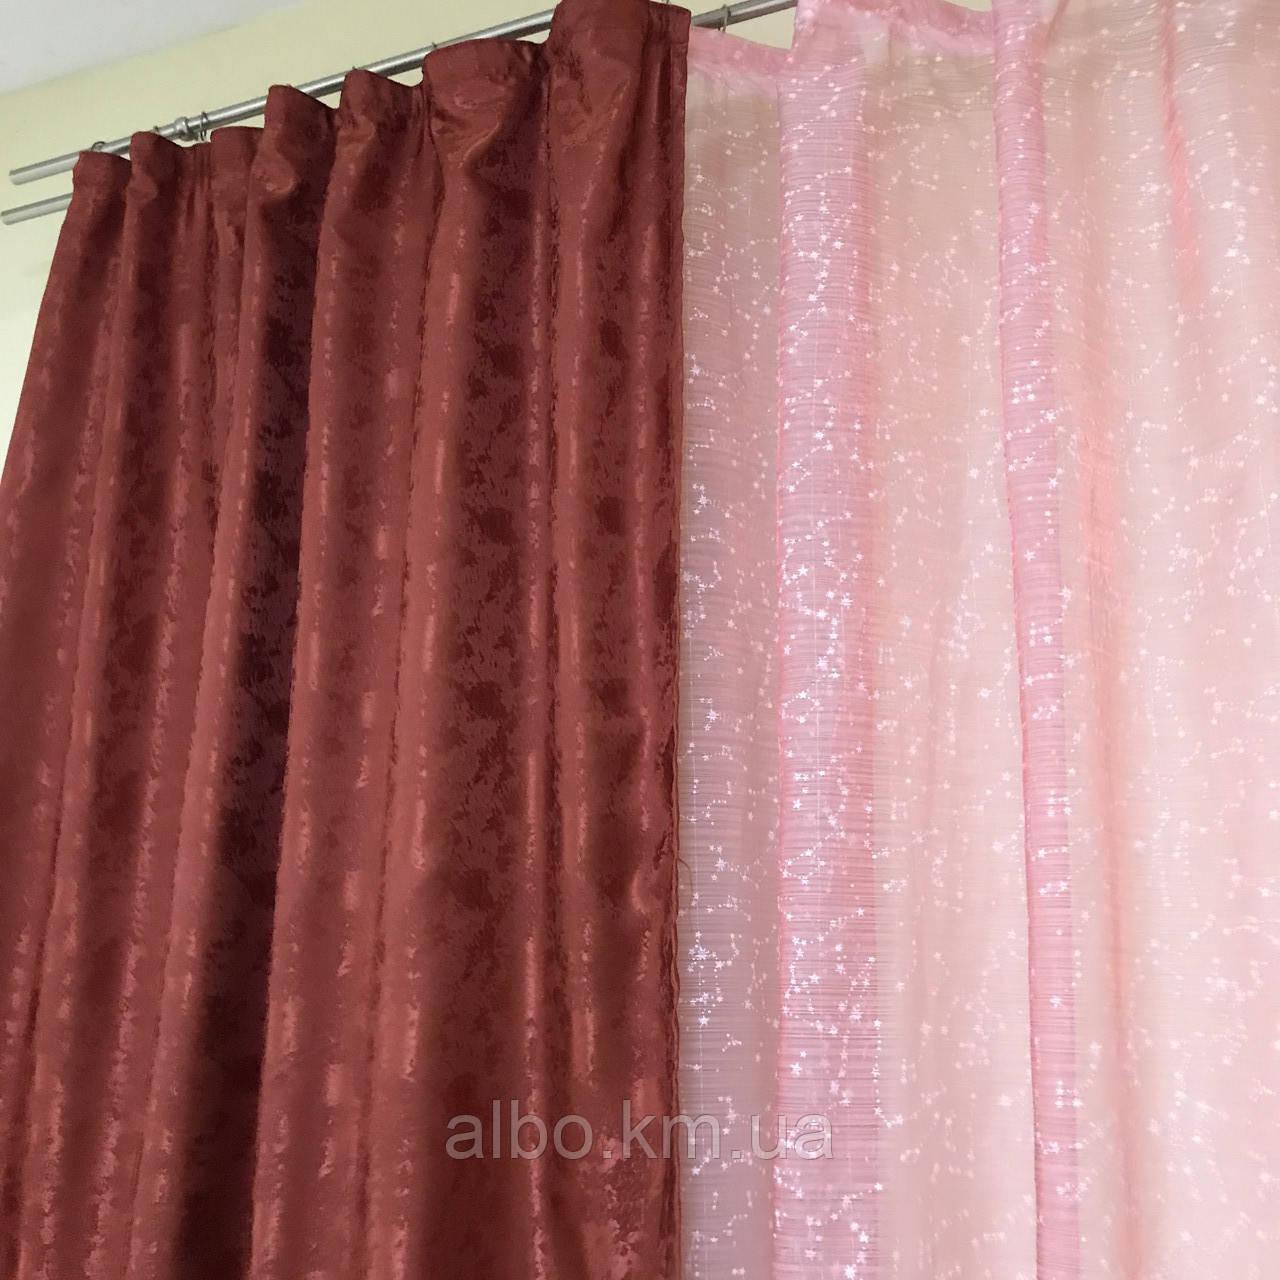 Шторы с тюлем в зал прихожую комнату, портьеры и гардины в детской комнате спальне, шторы для кухни зала